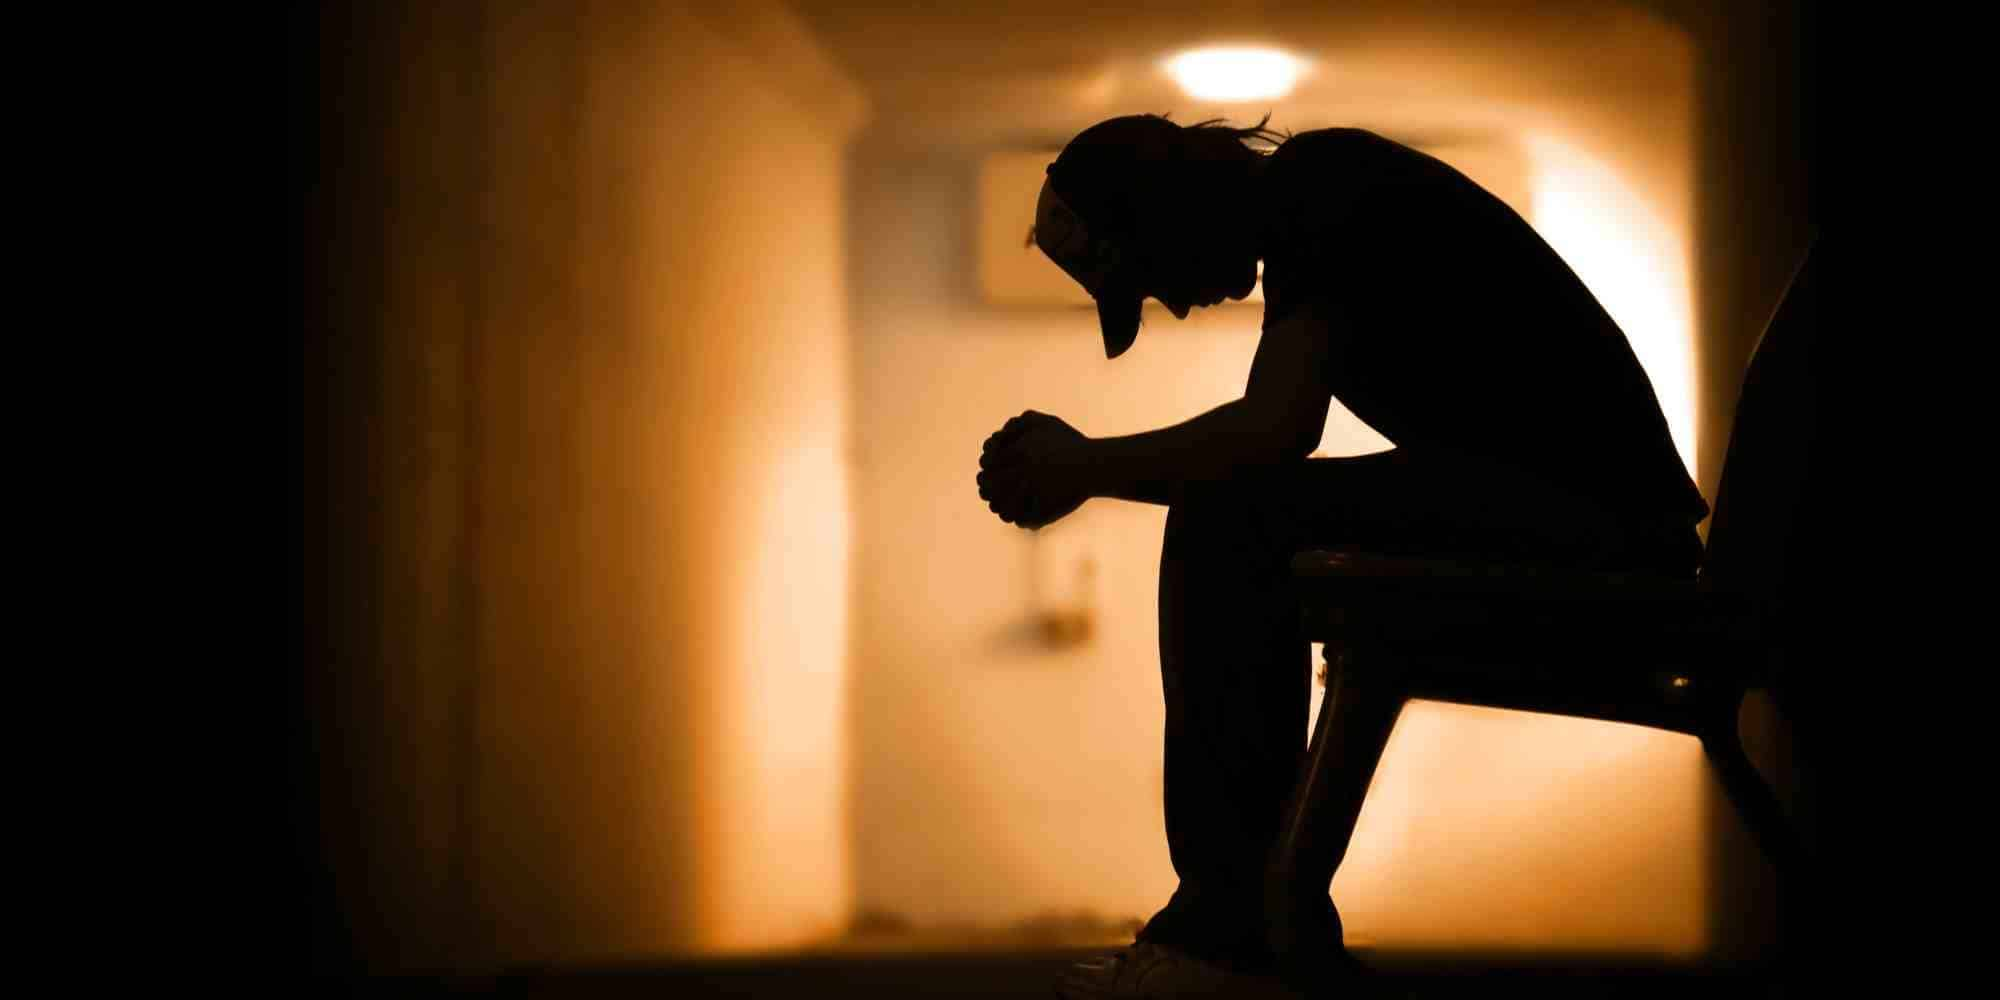 Le taux de suicide est particulièrement faible dans le Rhône